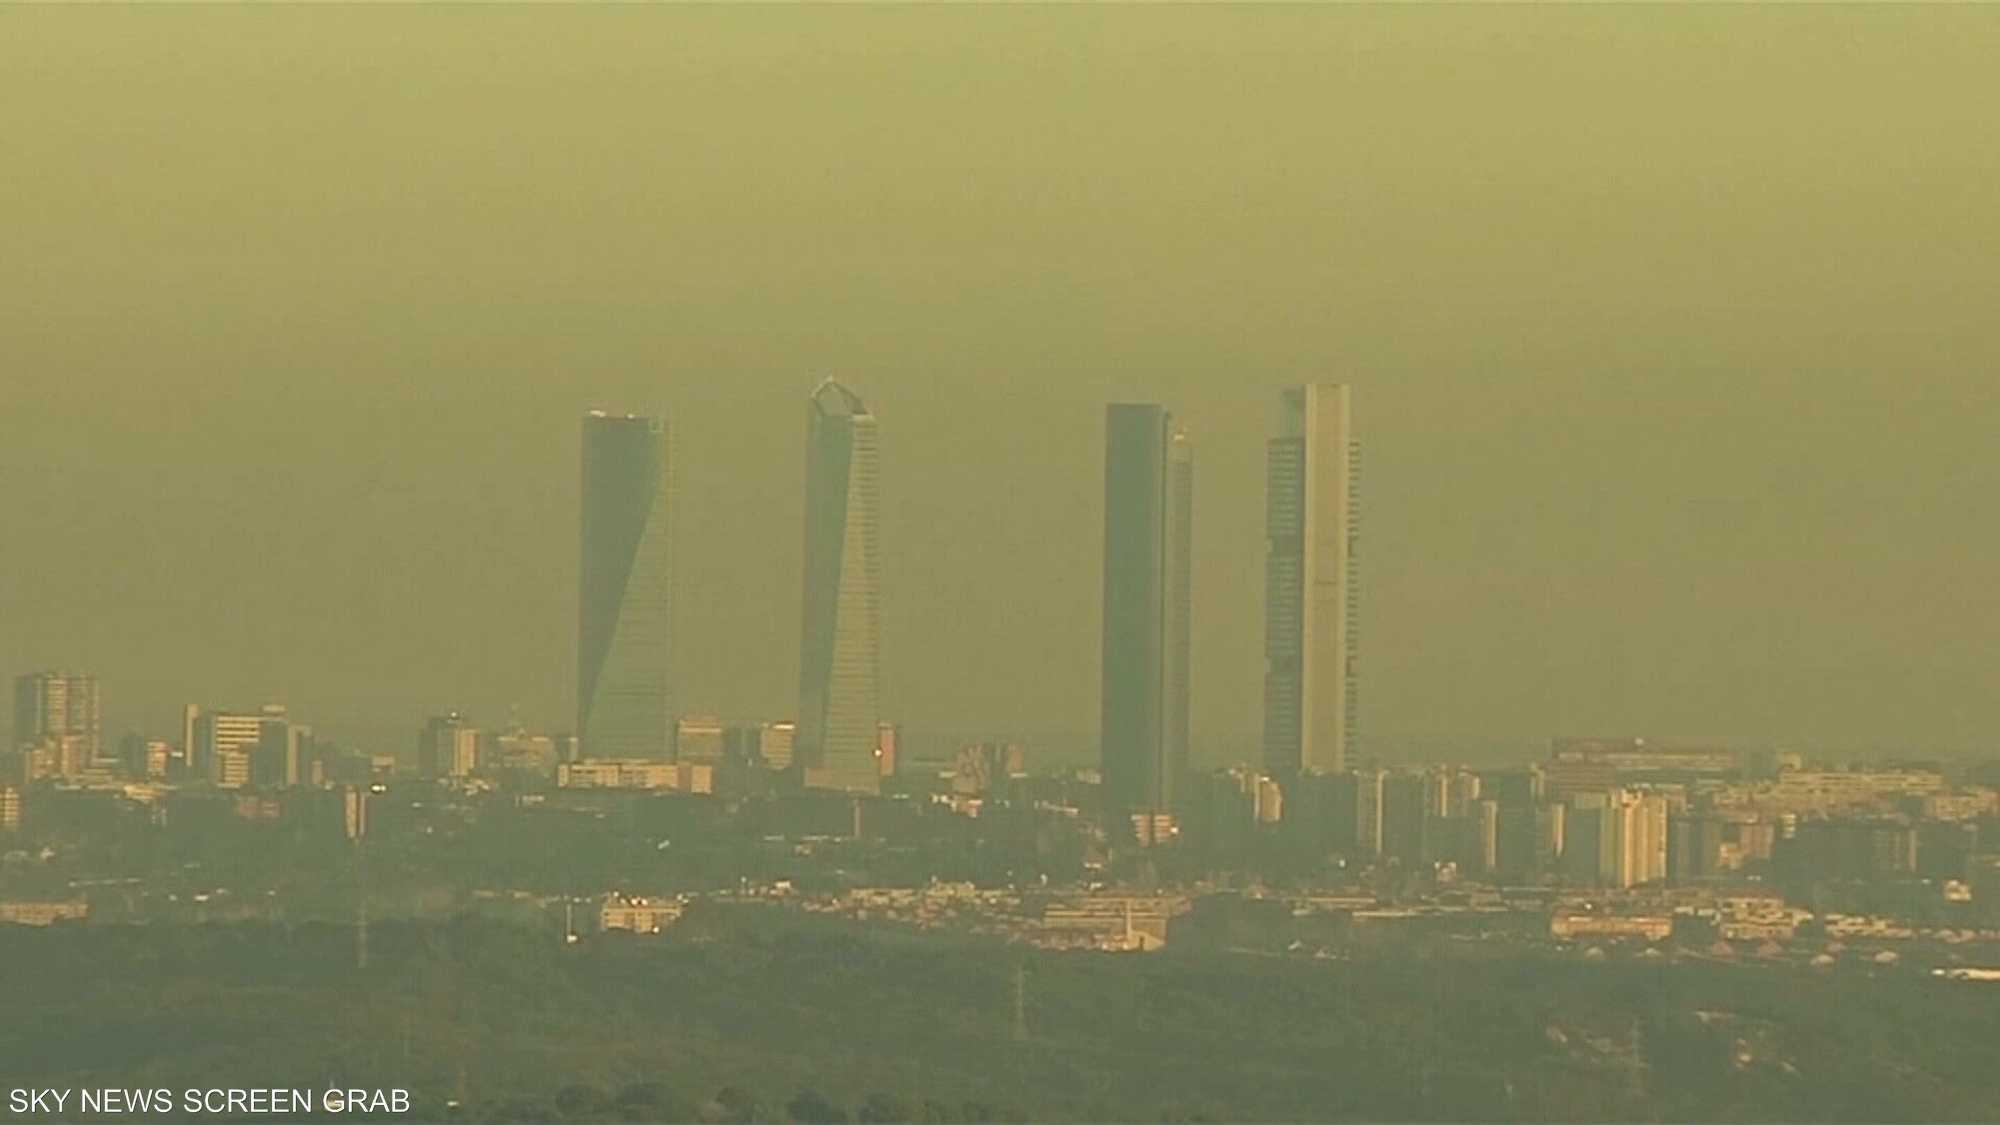 طموحات دولية للحد من انبعاثات الكربون عام 2050